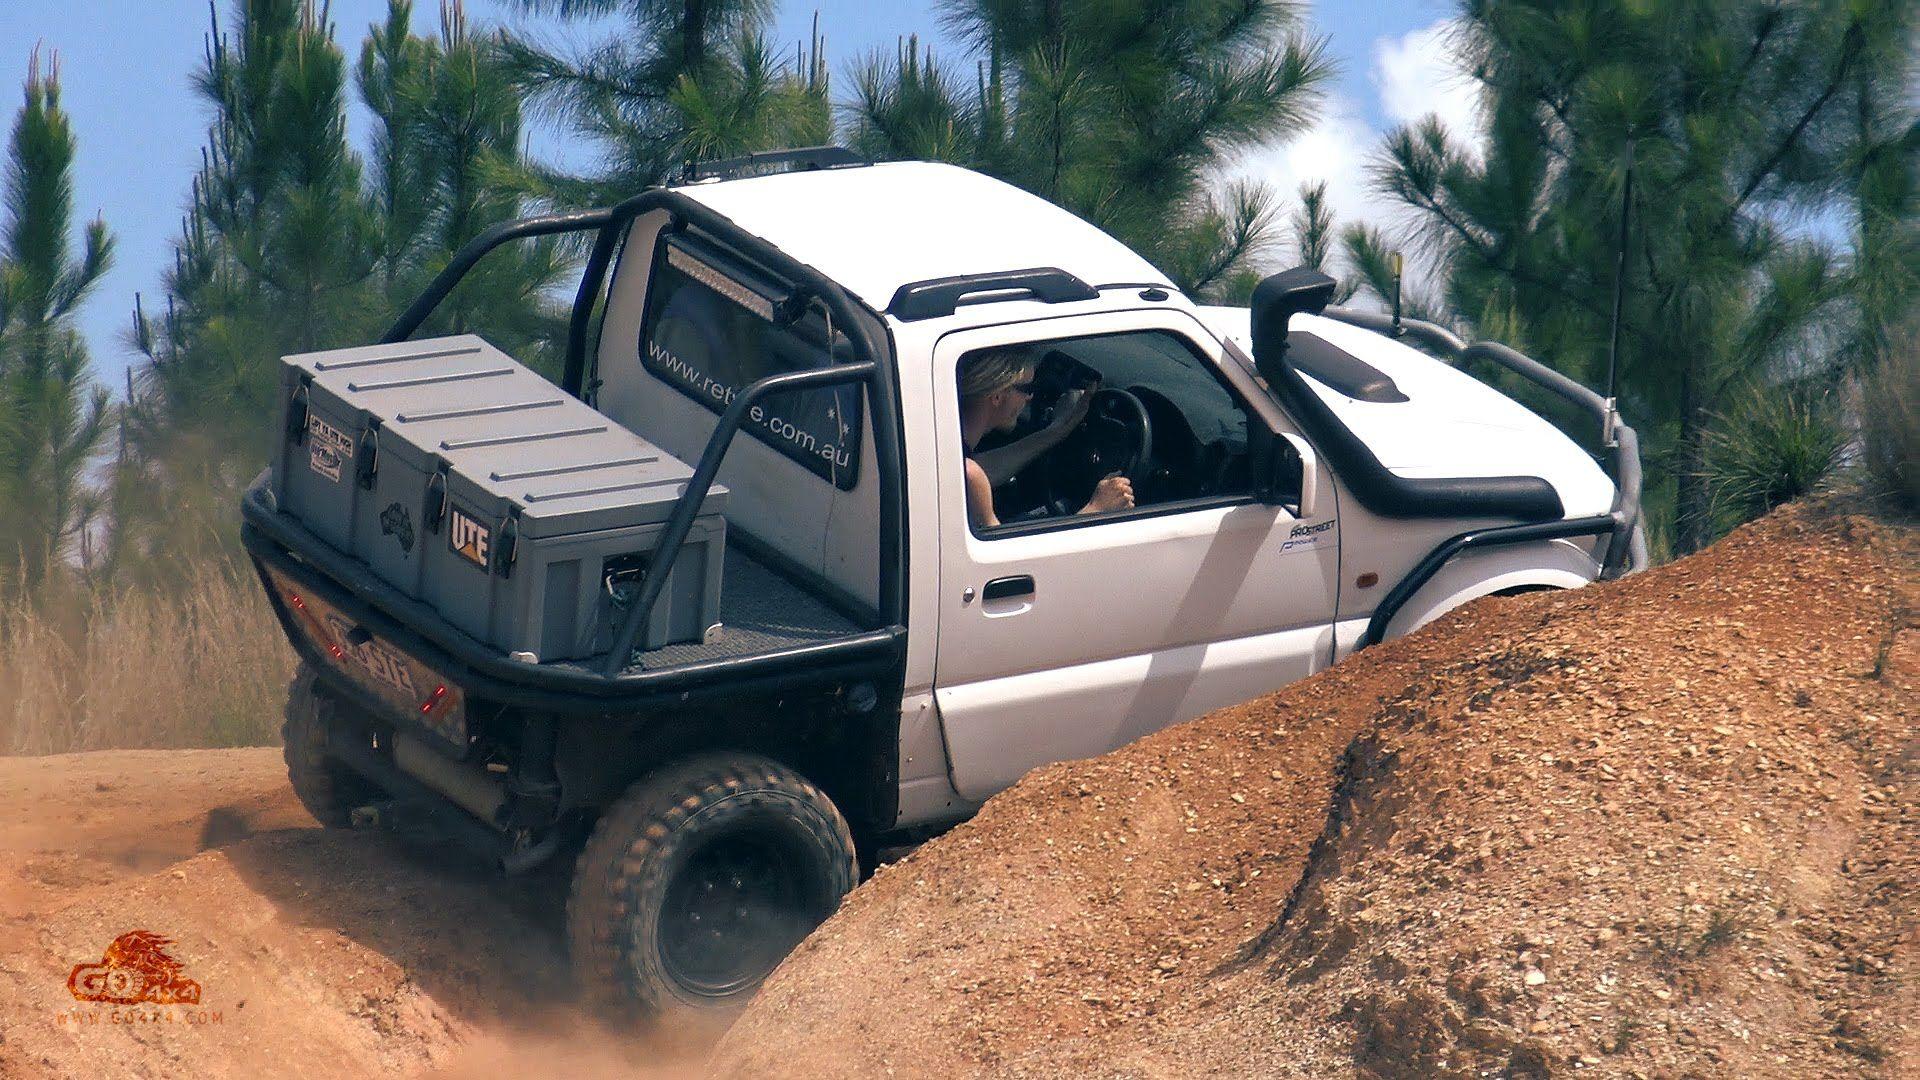 Modified Suzuki Jimny Offroading Custom Ute Zook 4wd 4x4